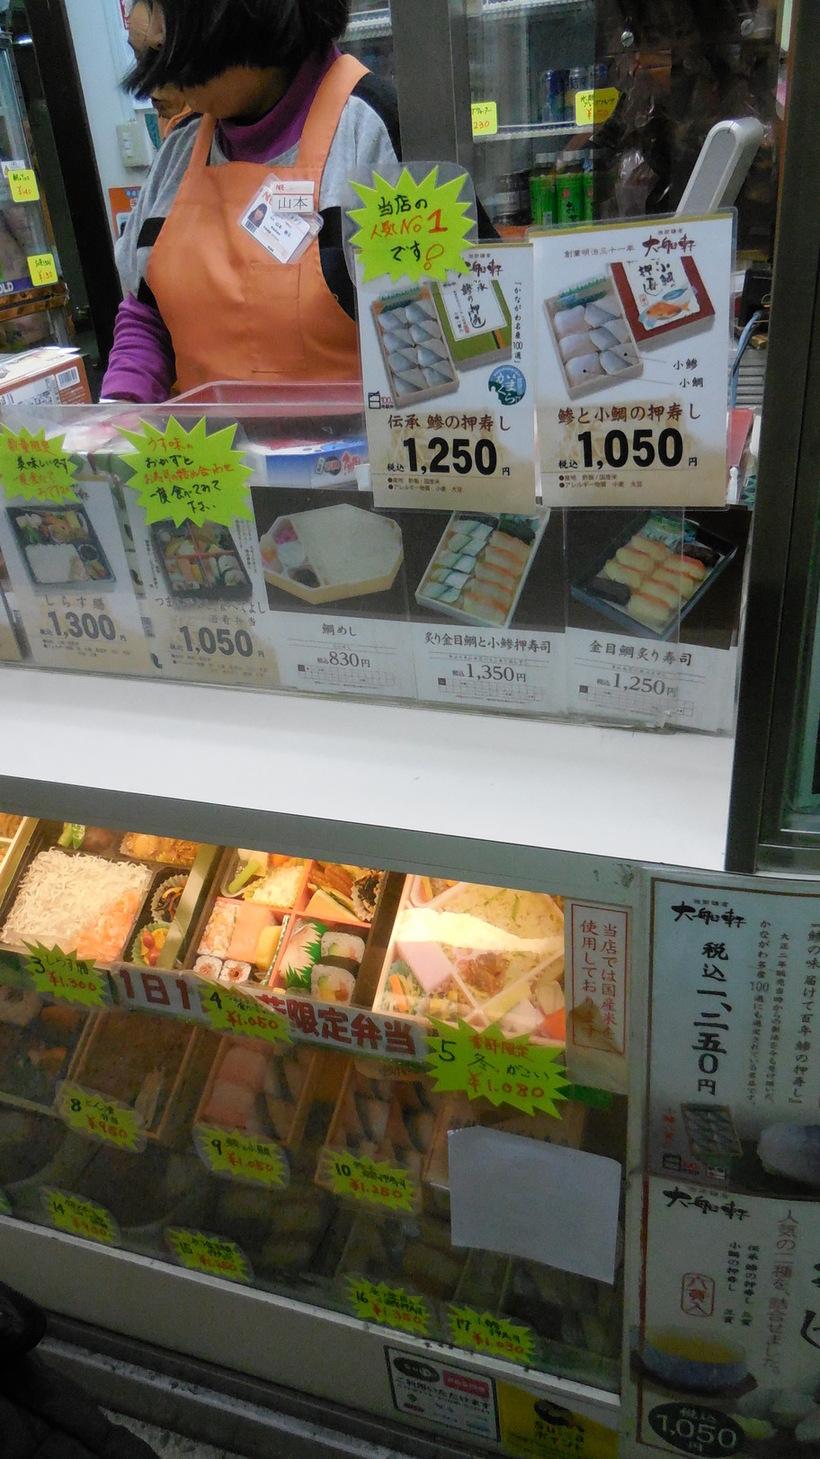 駅弁屋 熱海中央売店 name=